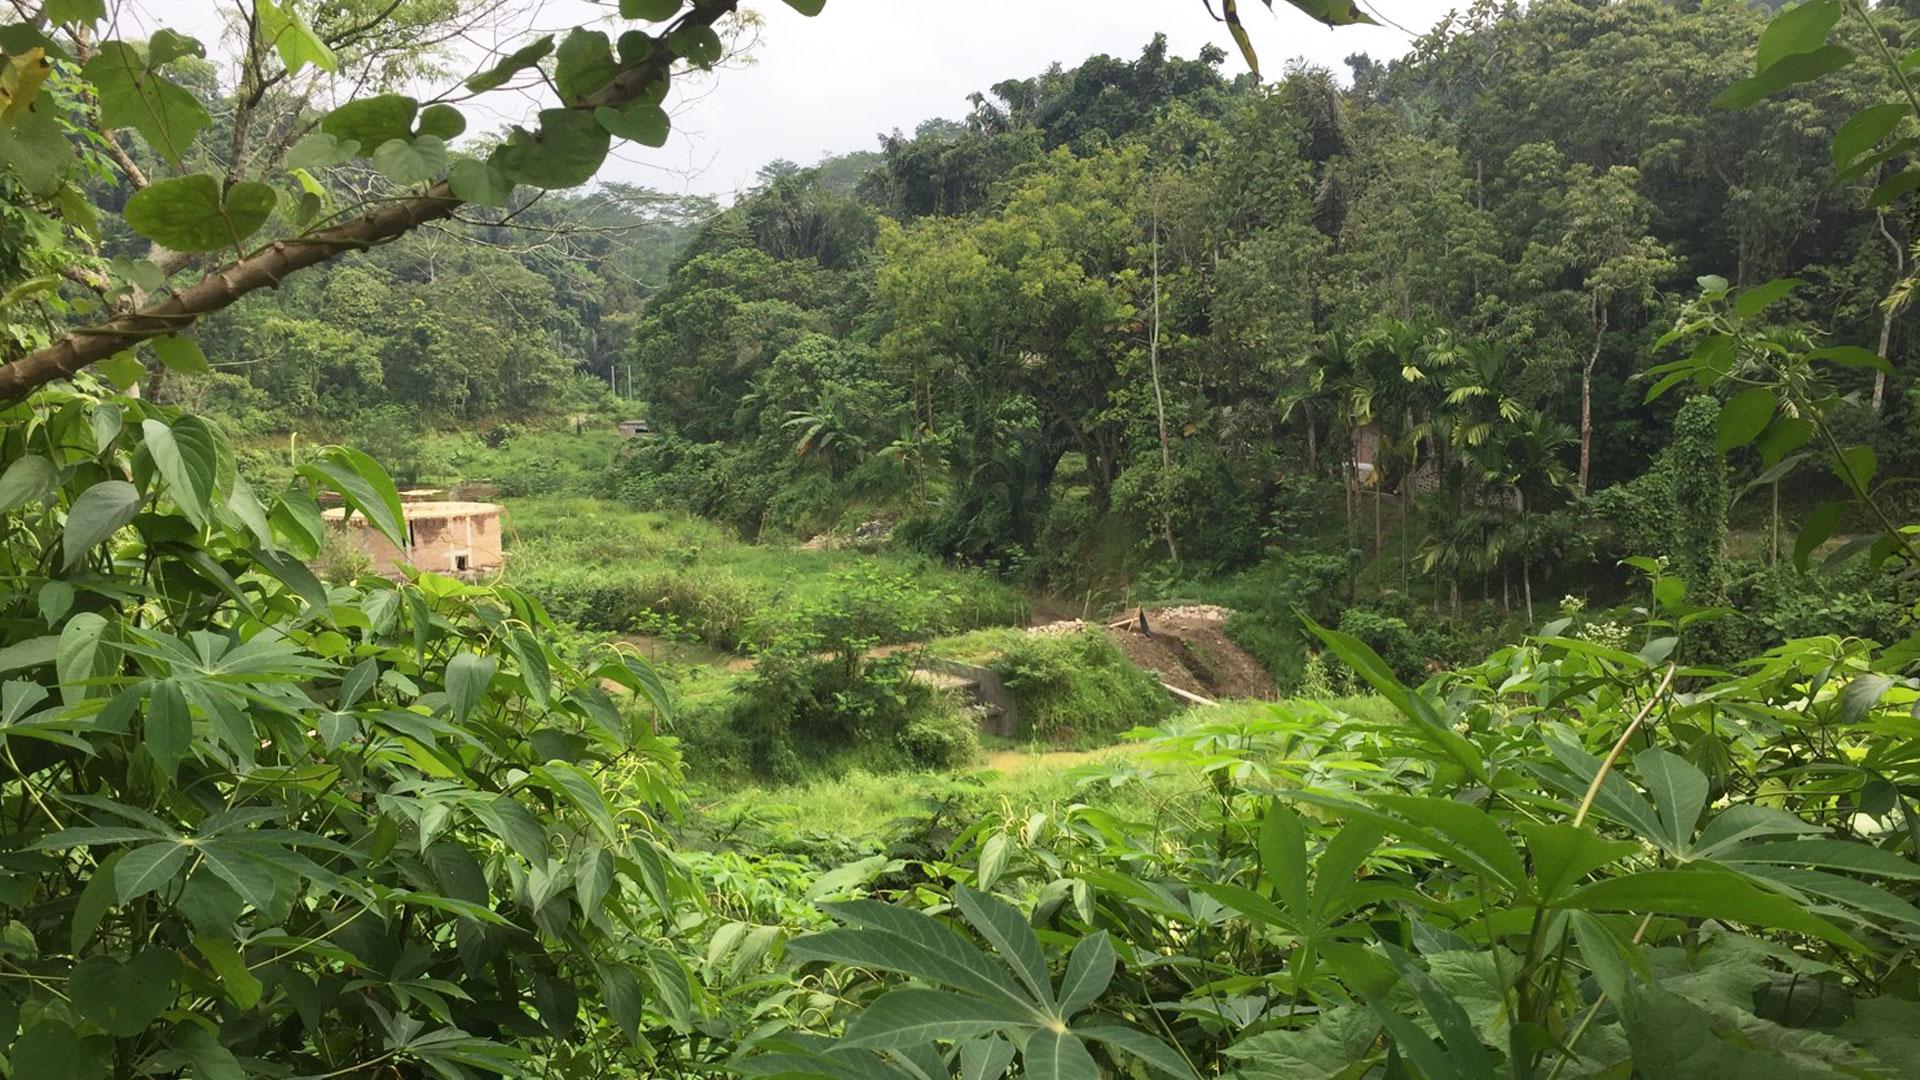 https://rfacdn.nz/zoo/assets/media/volunteers-in-sumatra-gallery-2.jpg